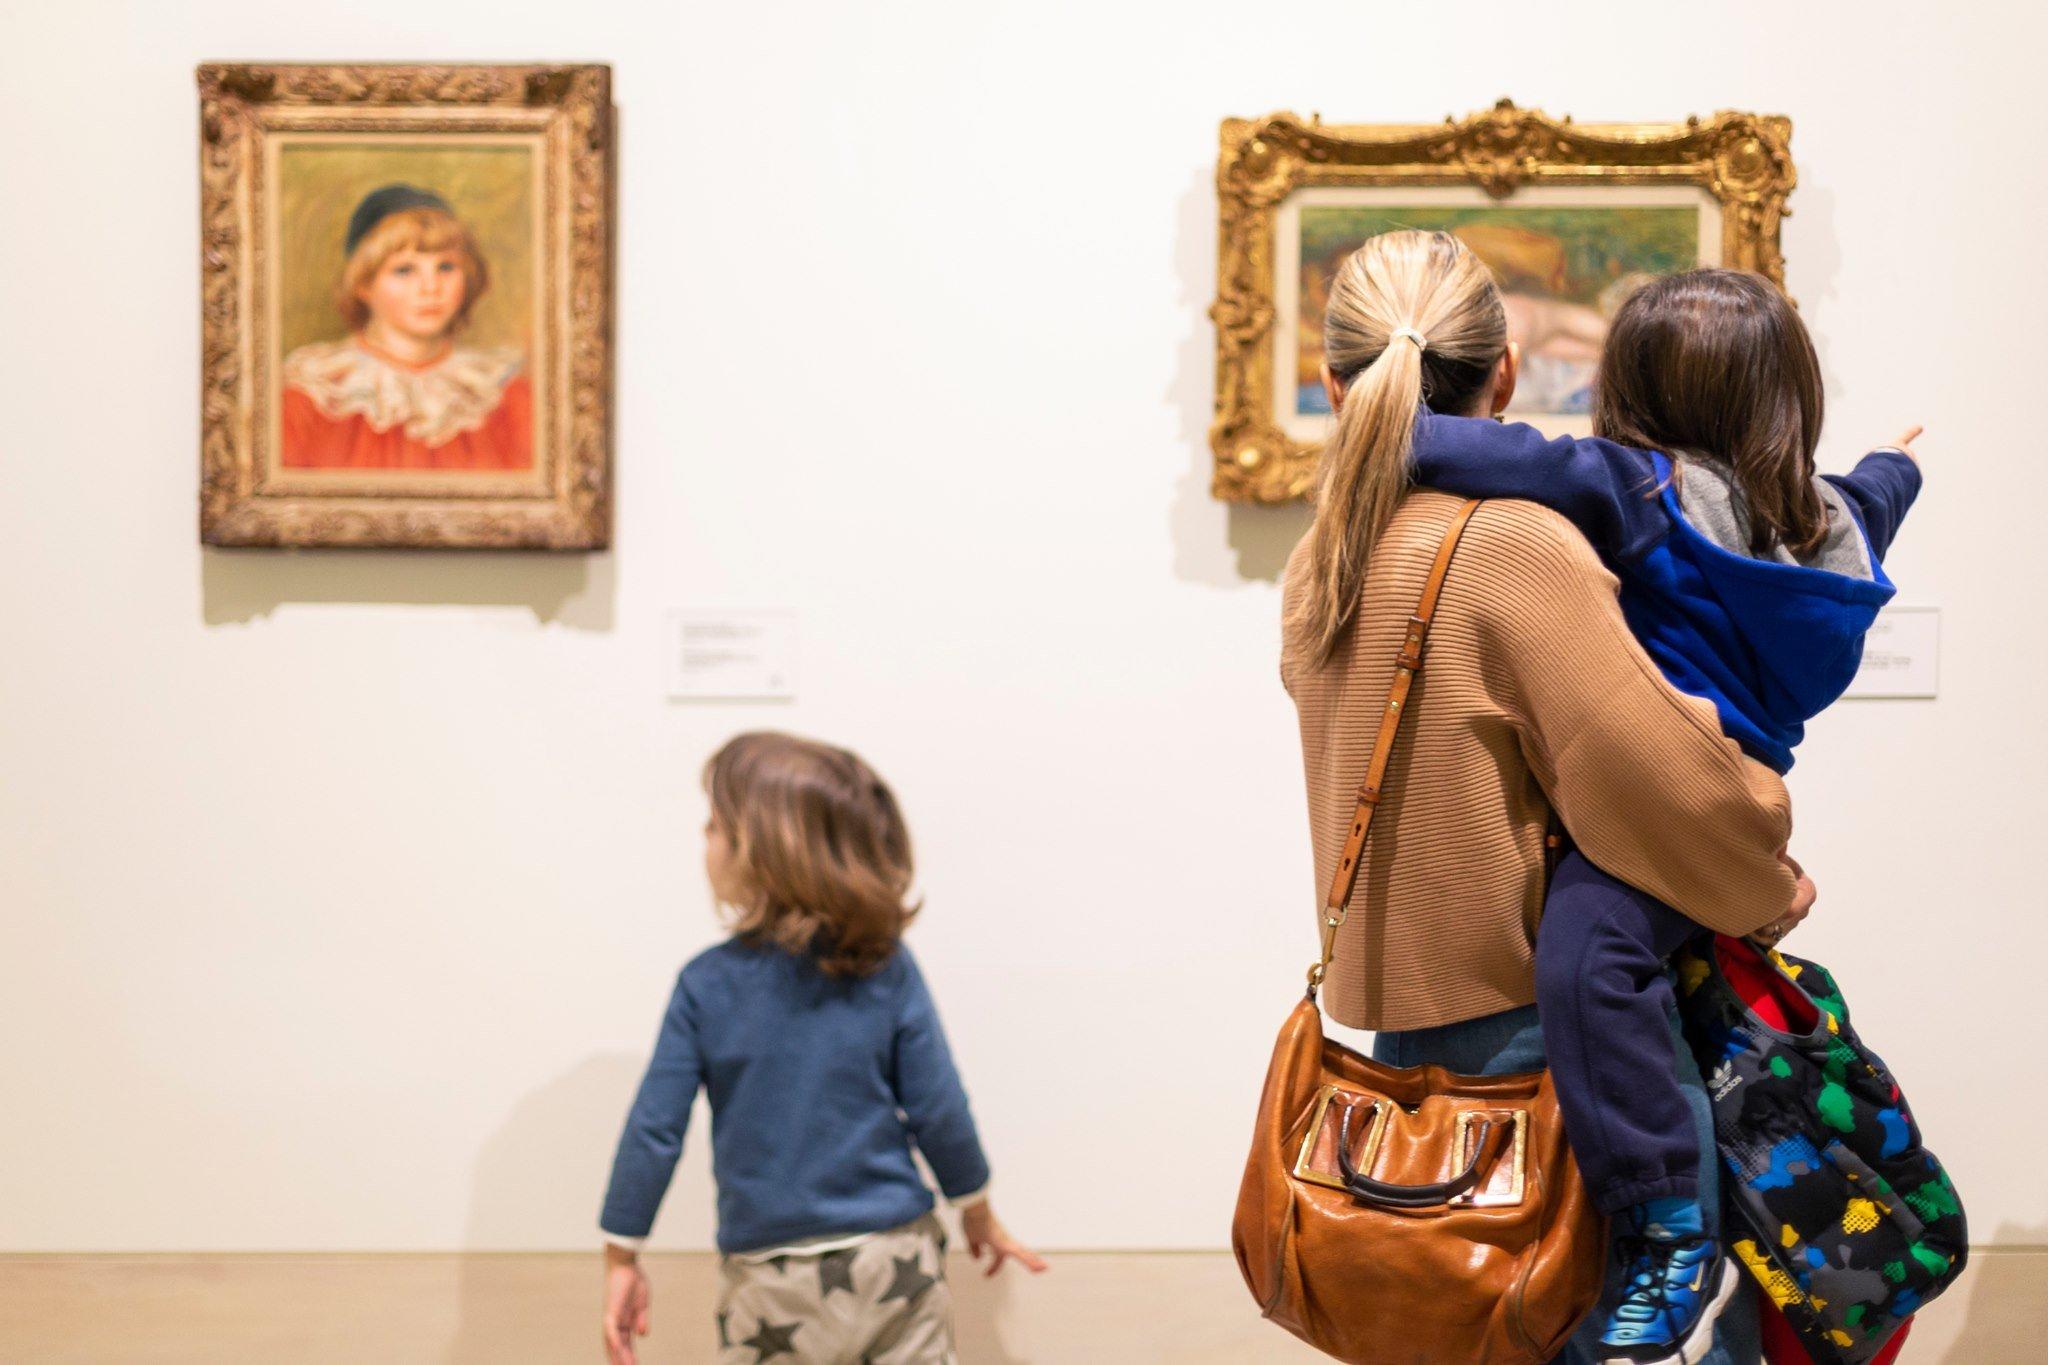 Αλληλεπιδράστε με την τέχνη στο Leventis Gallery